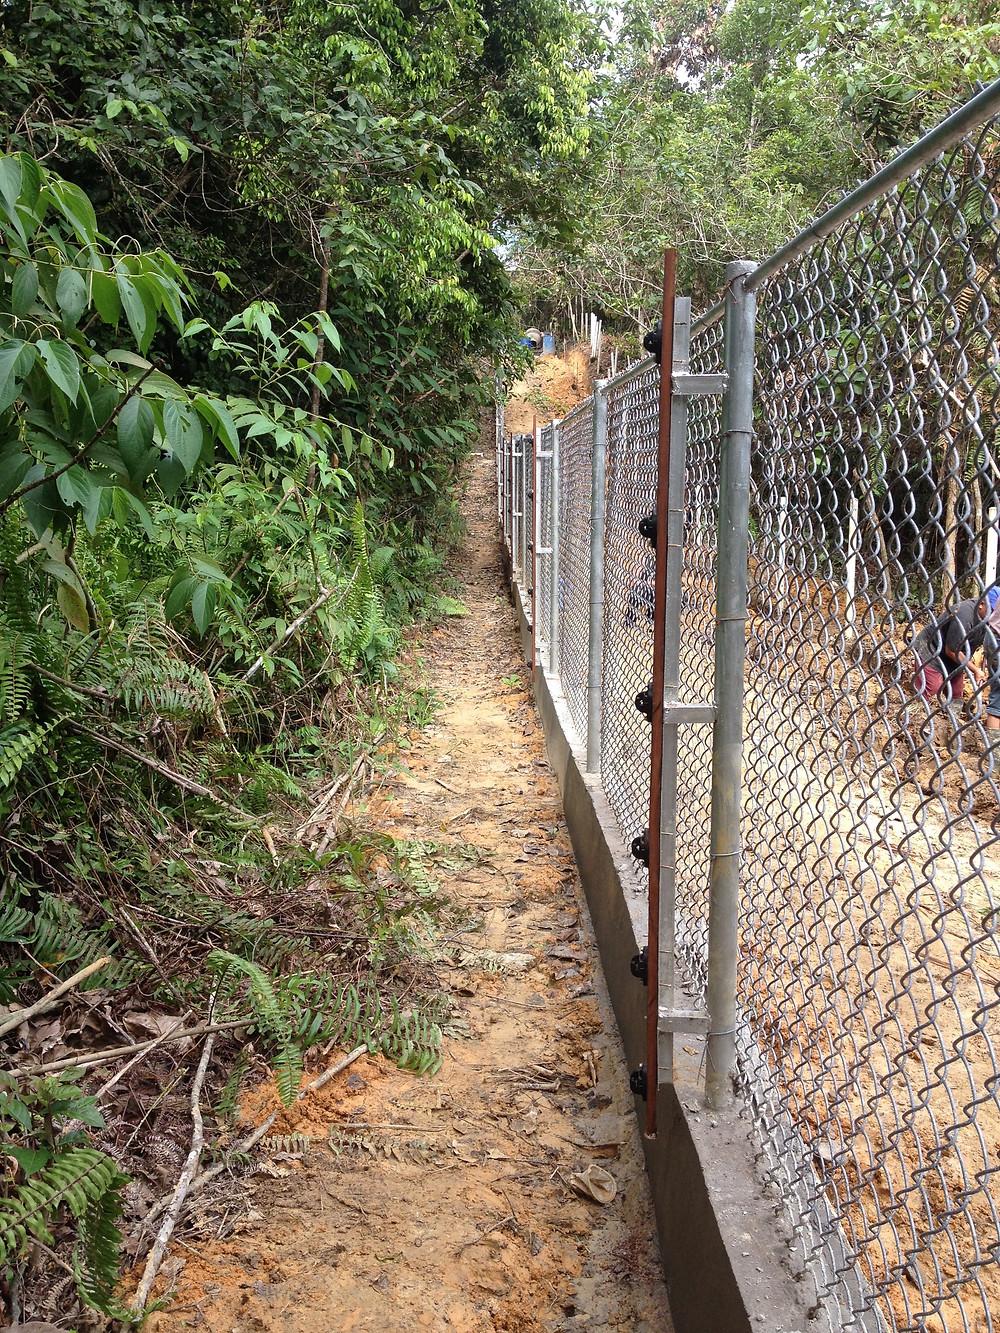 BOS-Rettungsstation in Samboja Lestari für Sonnenbären / sun bears, Zäune müssen regelmässig gewartet werden |BOS Schweiz